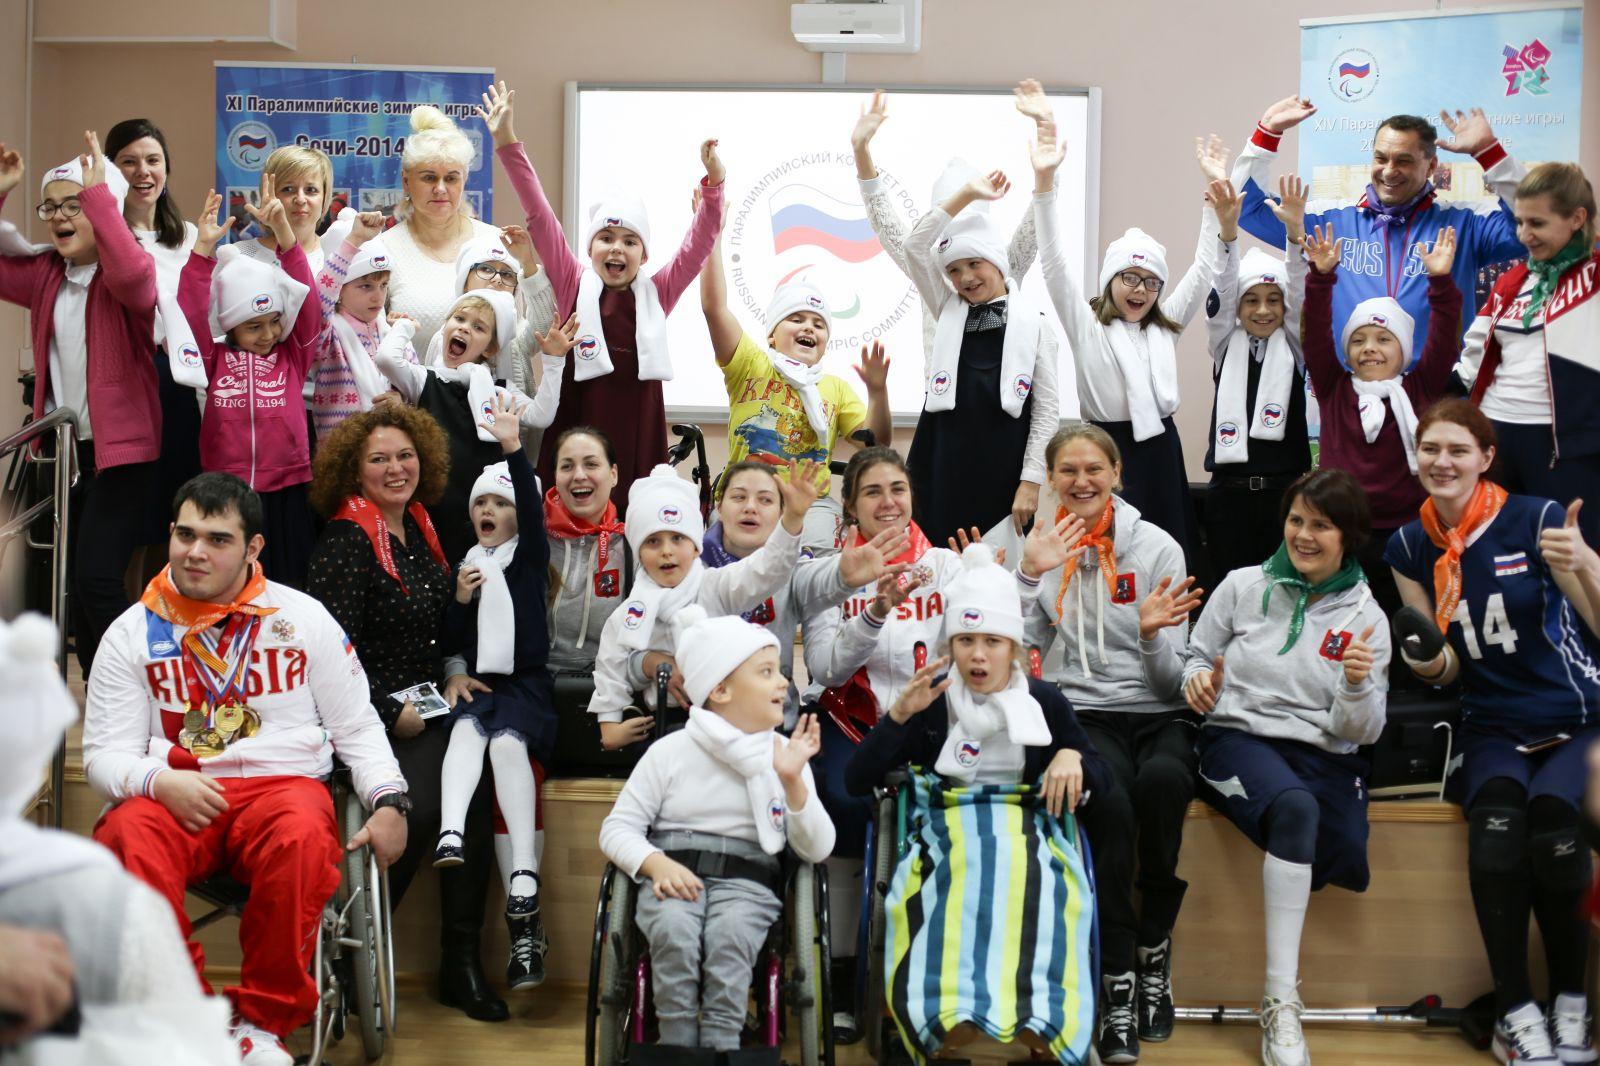 Чемпионы и призеры Паралимпийских игр провели Паралимпийский урок для учеников школы № 1454 «Тимирязевская»